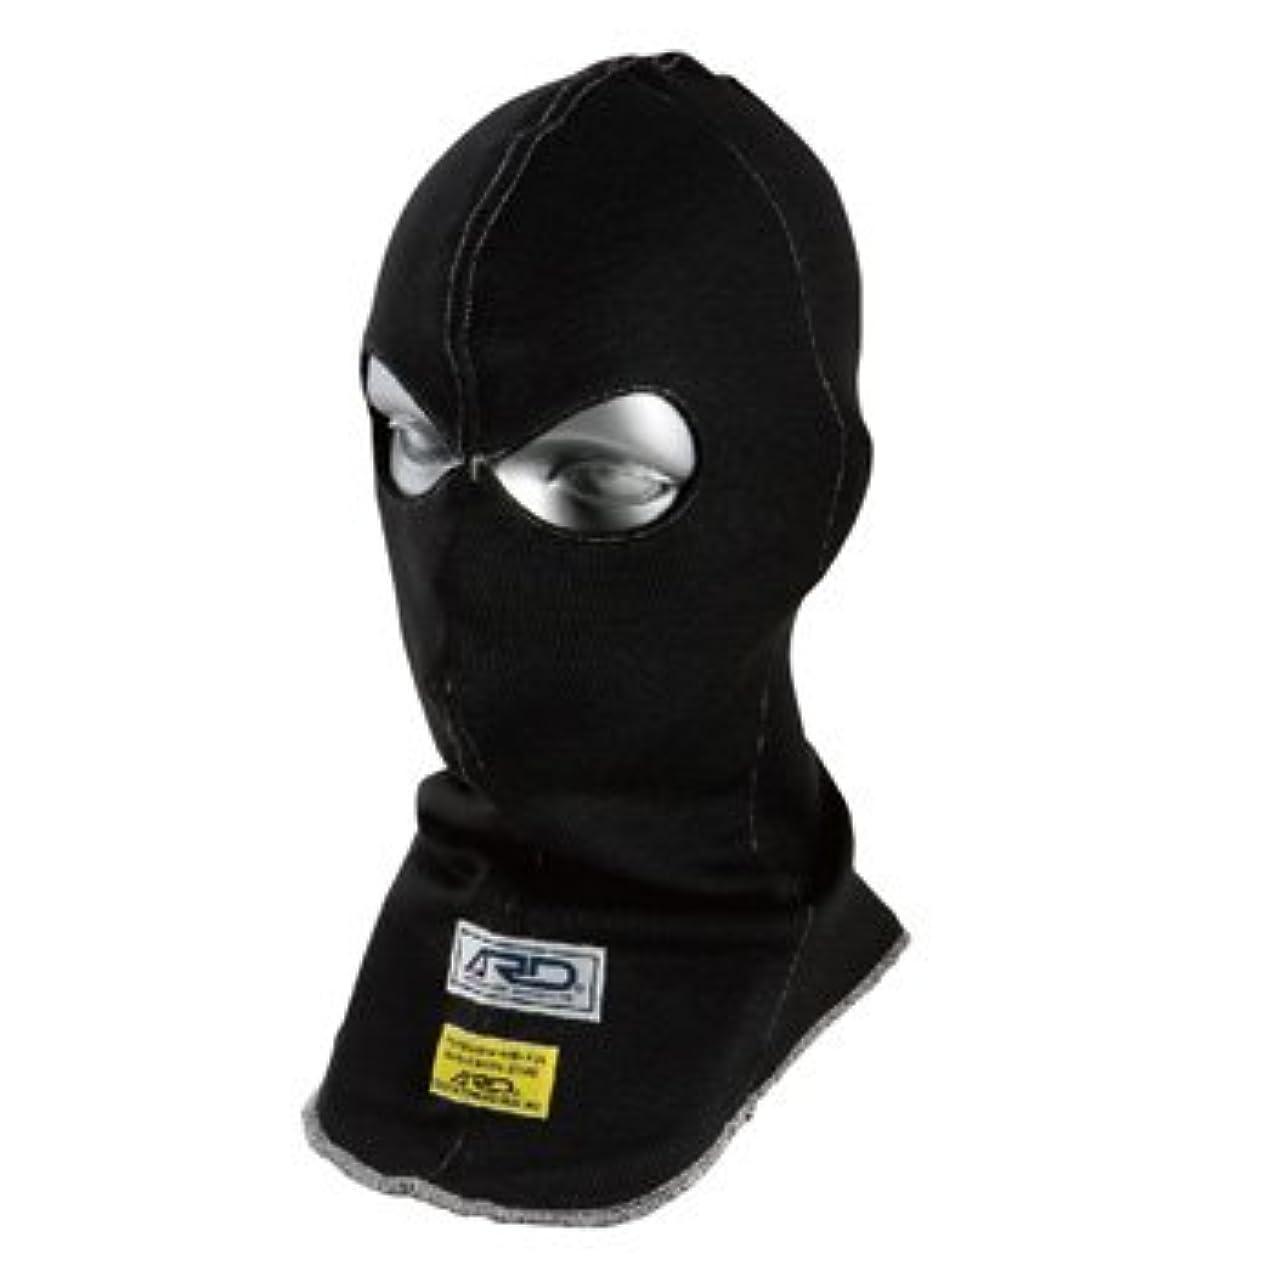 明らかにシュリンク磁気ARD フェイスマスク 2ホール ARD-544 FREE/ブラック 【FIA公認】